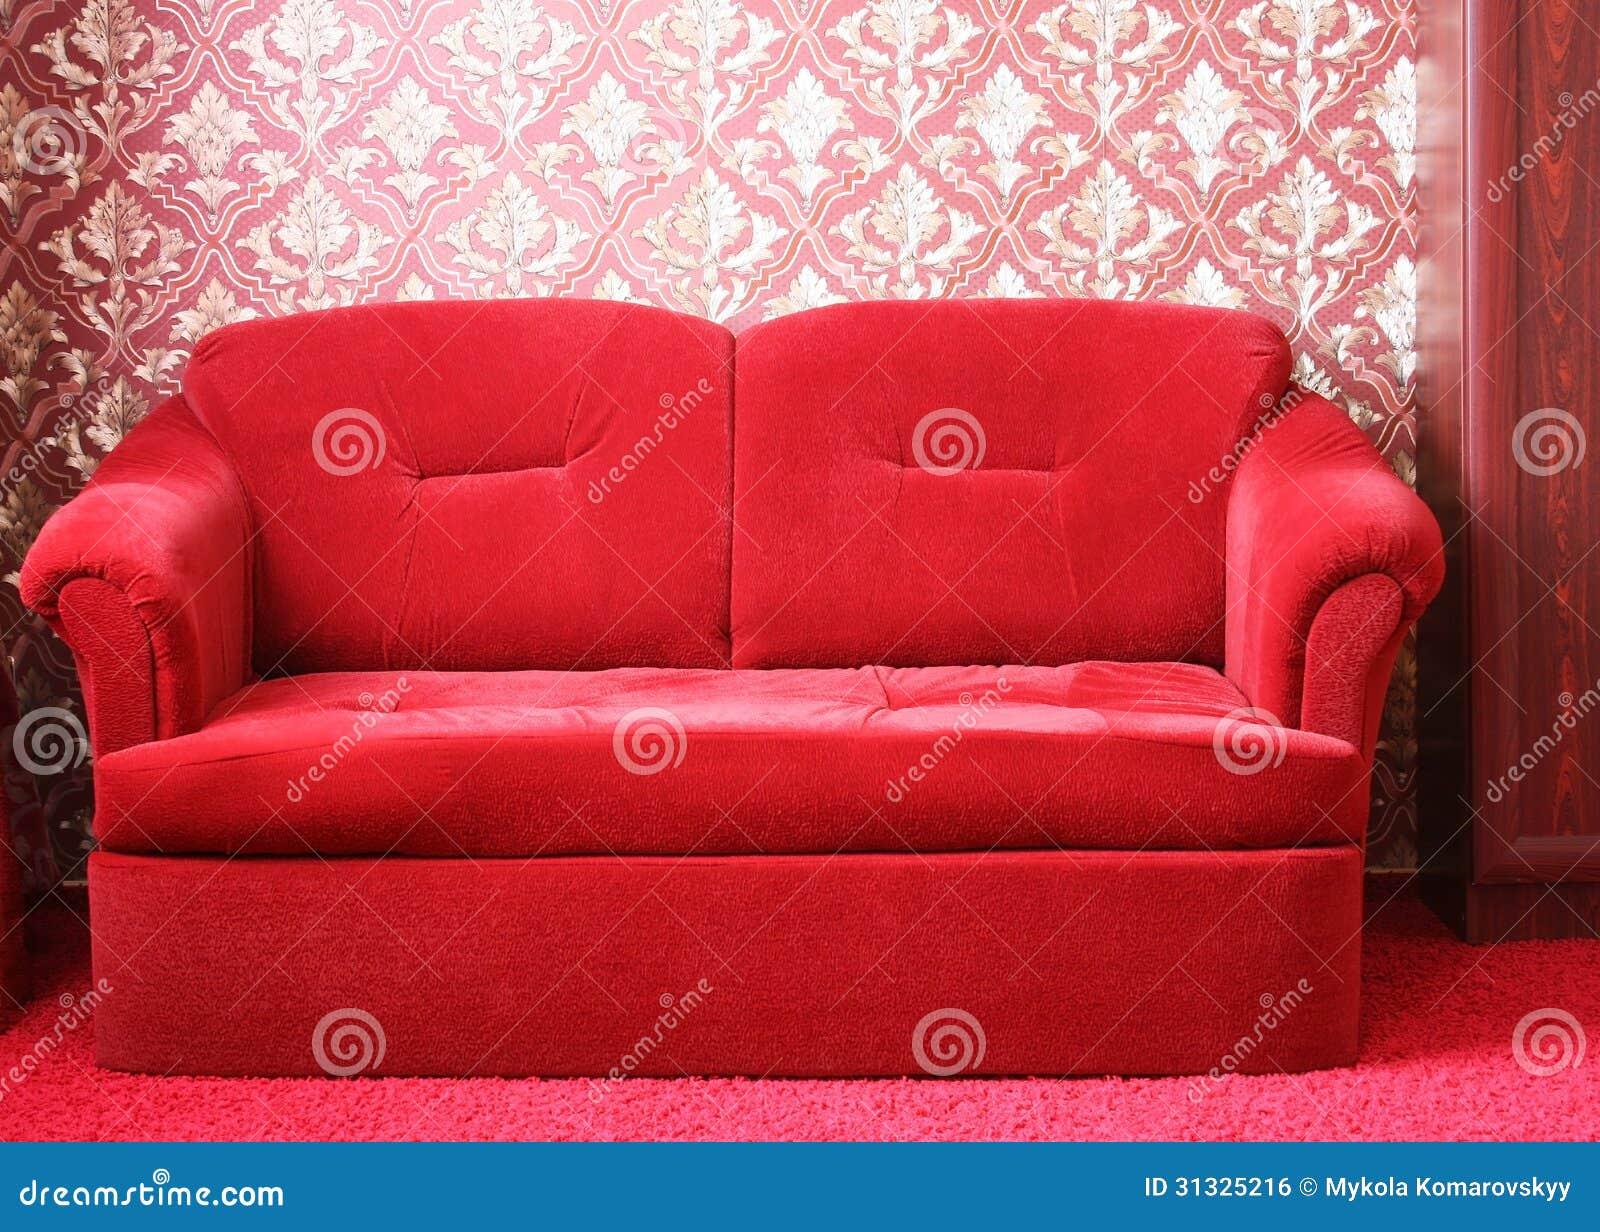 modernes rotes sofa stockfotos – 157 modernes rotes sofa, Hause ideen